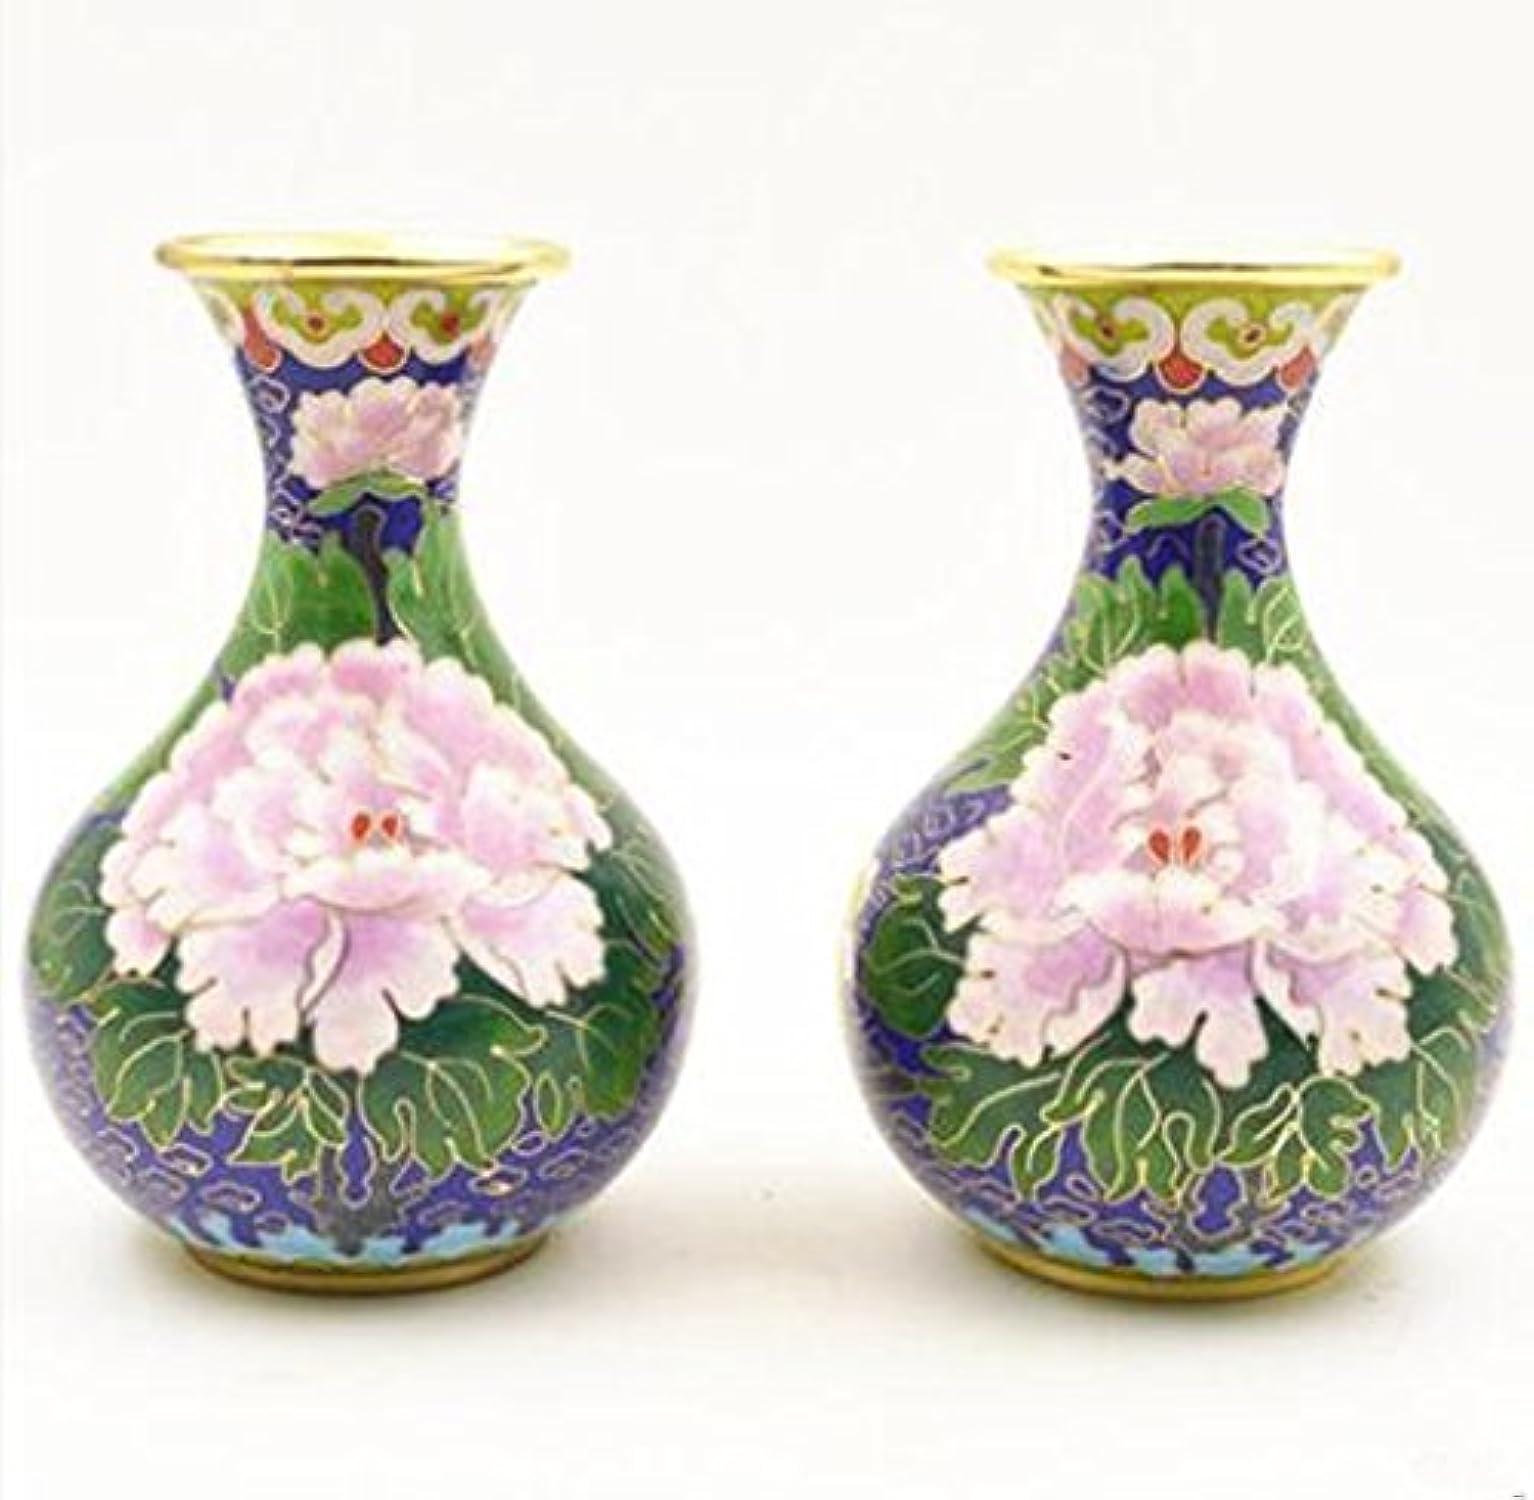 Tchp Pure fabriqué à la Main en cuivre Foetale en Filigrane en émail Vase Décorations